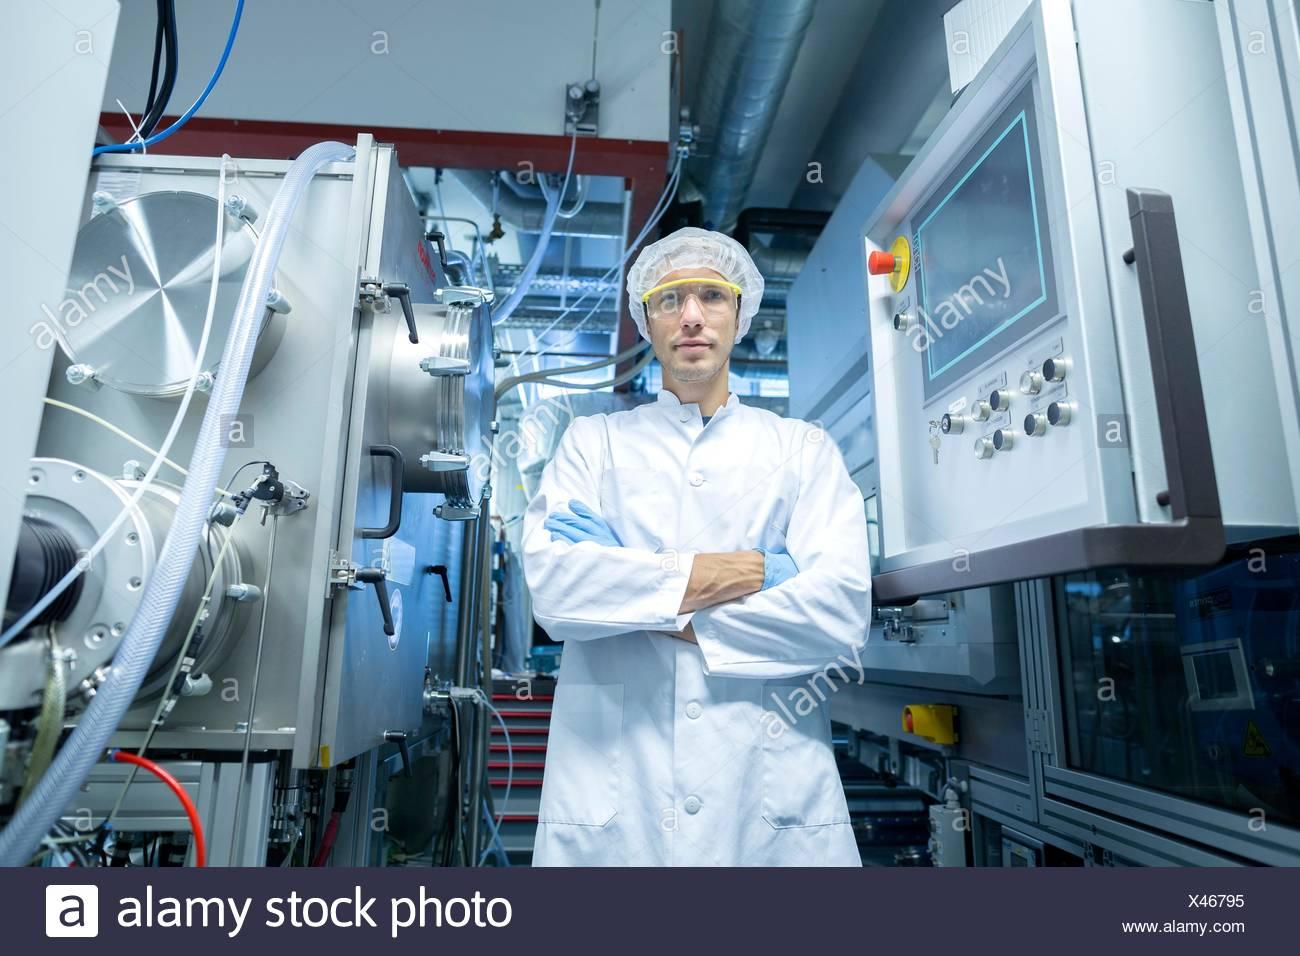 Porträt von männlichen Wissenschaftler mit im Labor Reinraum verschränkten Armen Stockbild